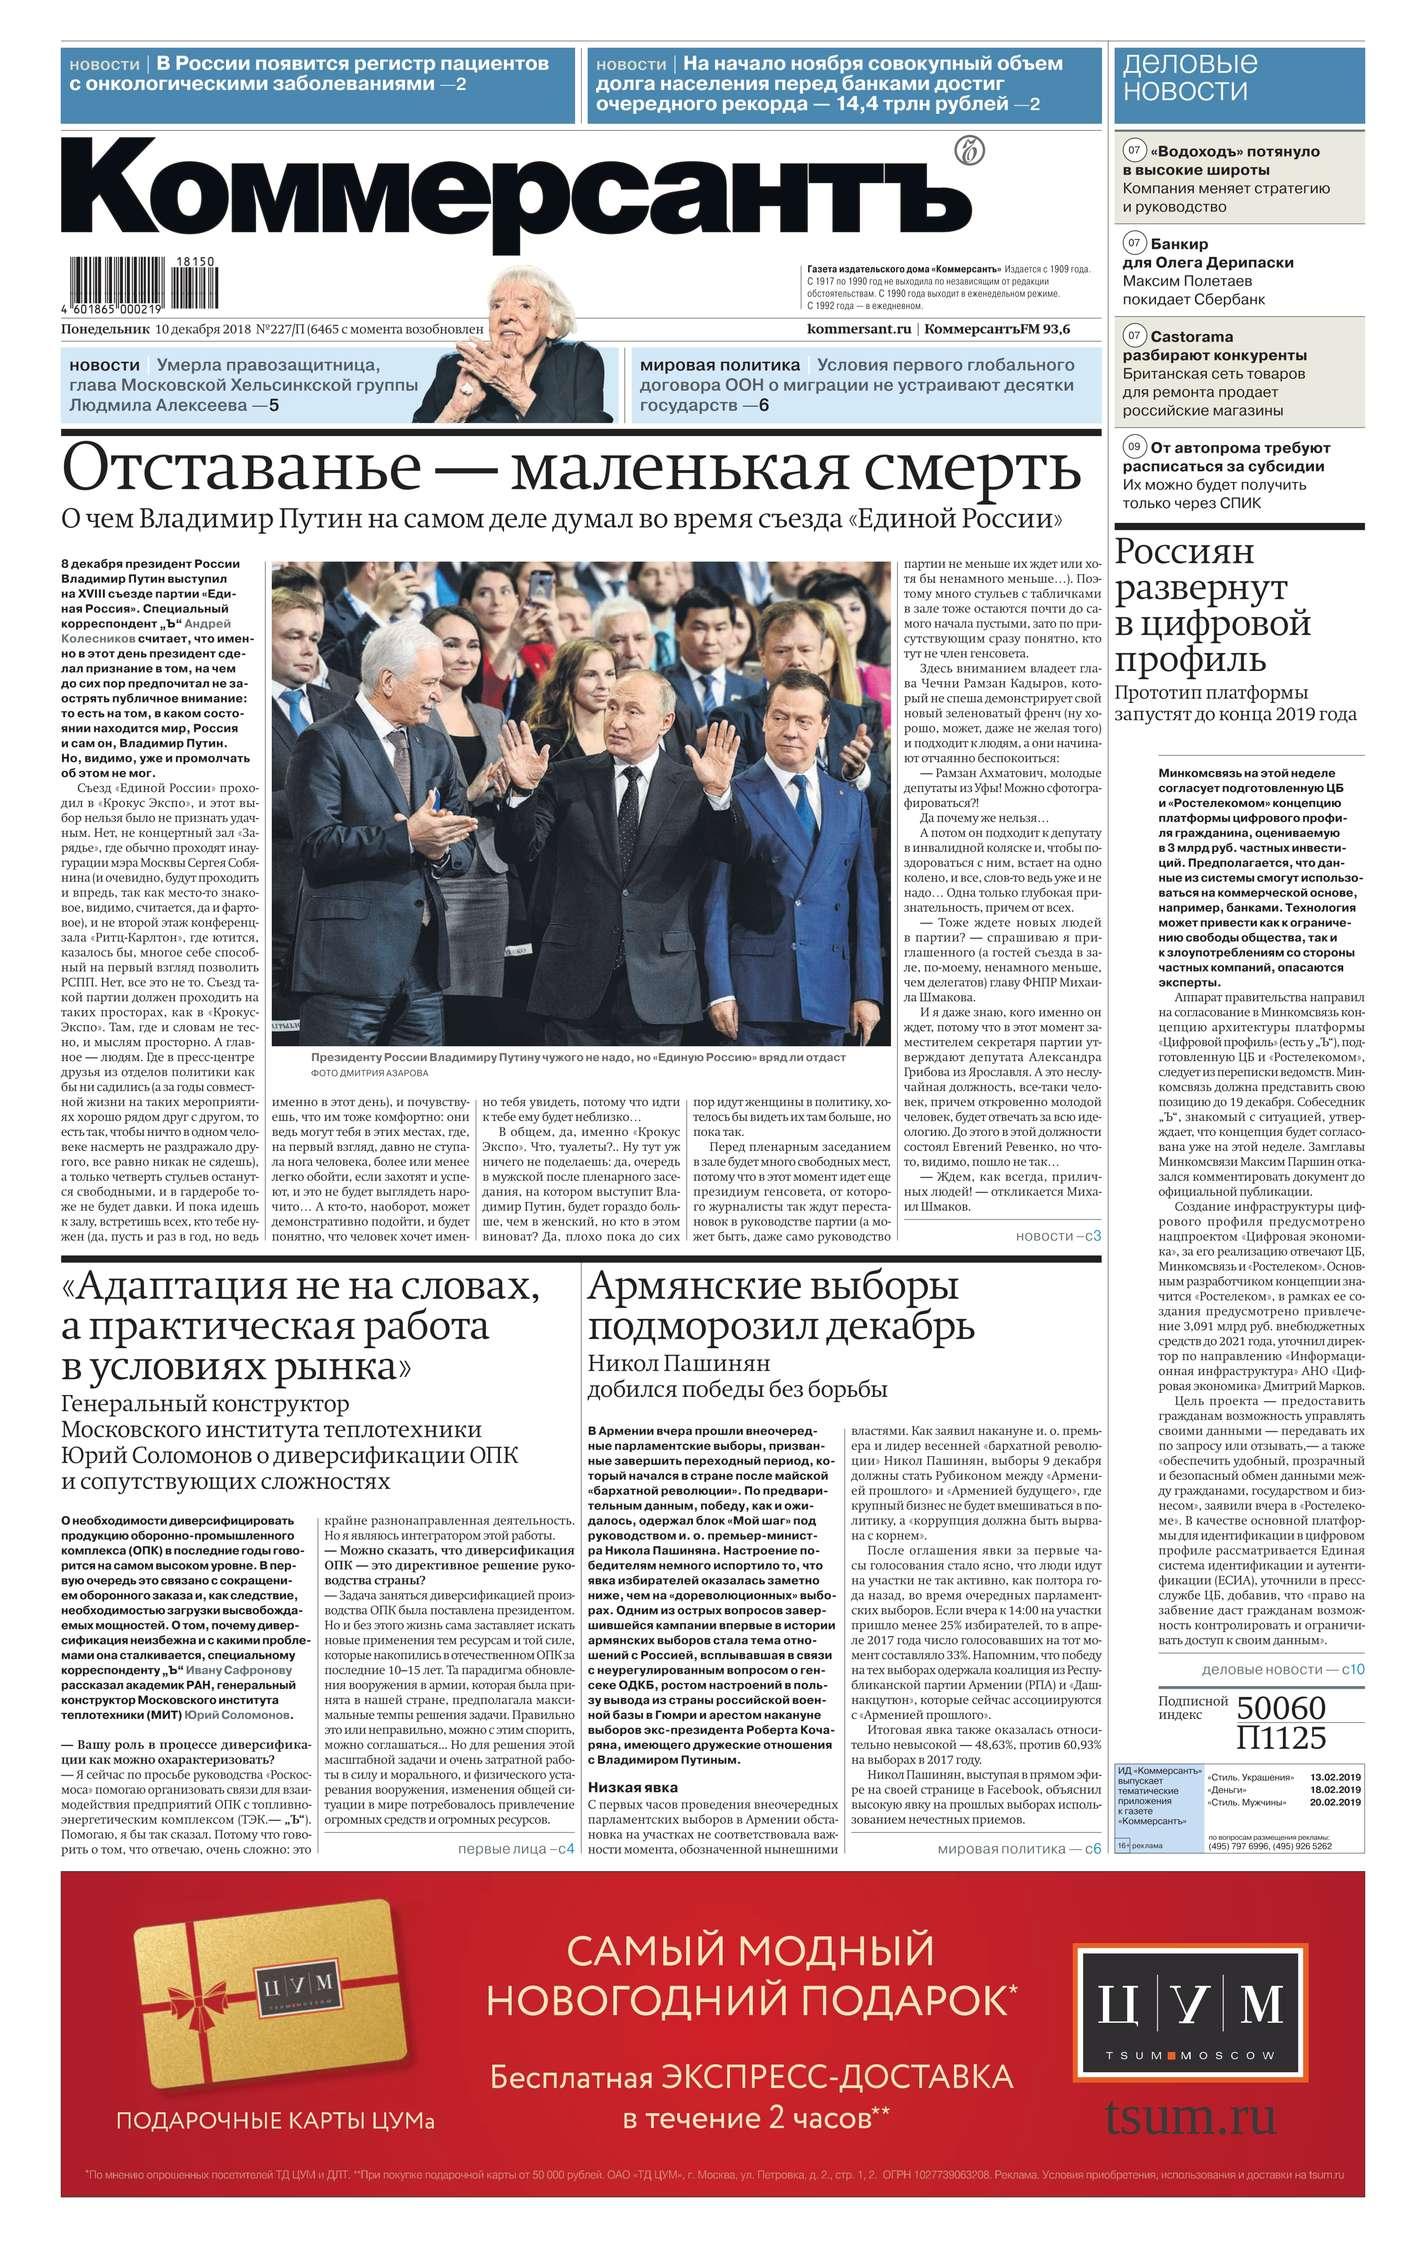 Редакция газеты Коммерсантъ (понедельник-пятница) Коммерсантъ (понедельник-пятница) 227п-2018 цена